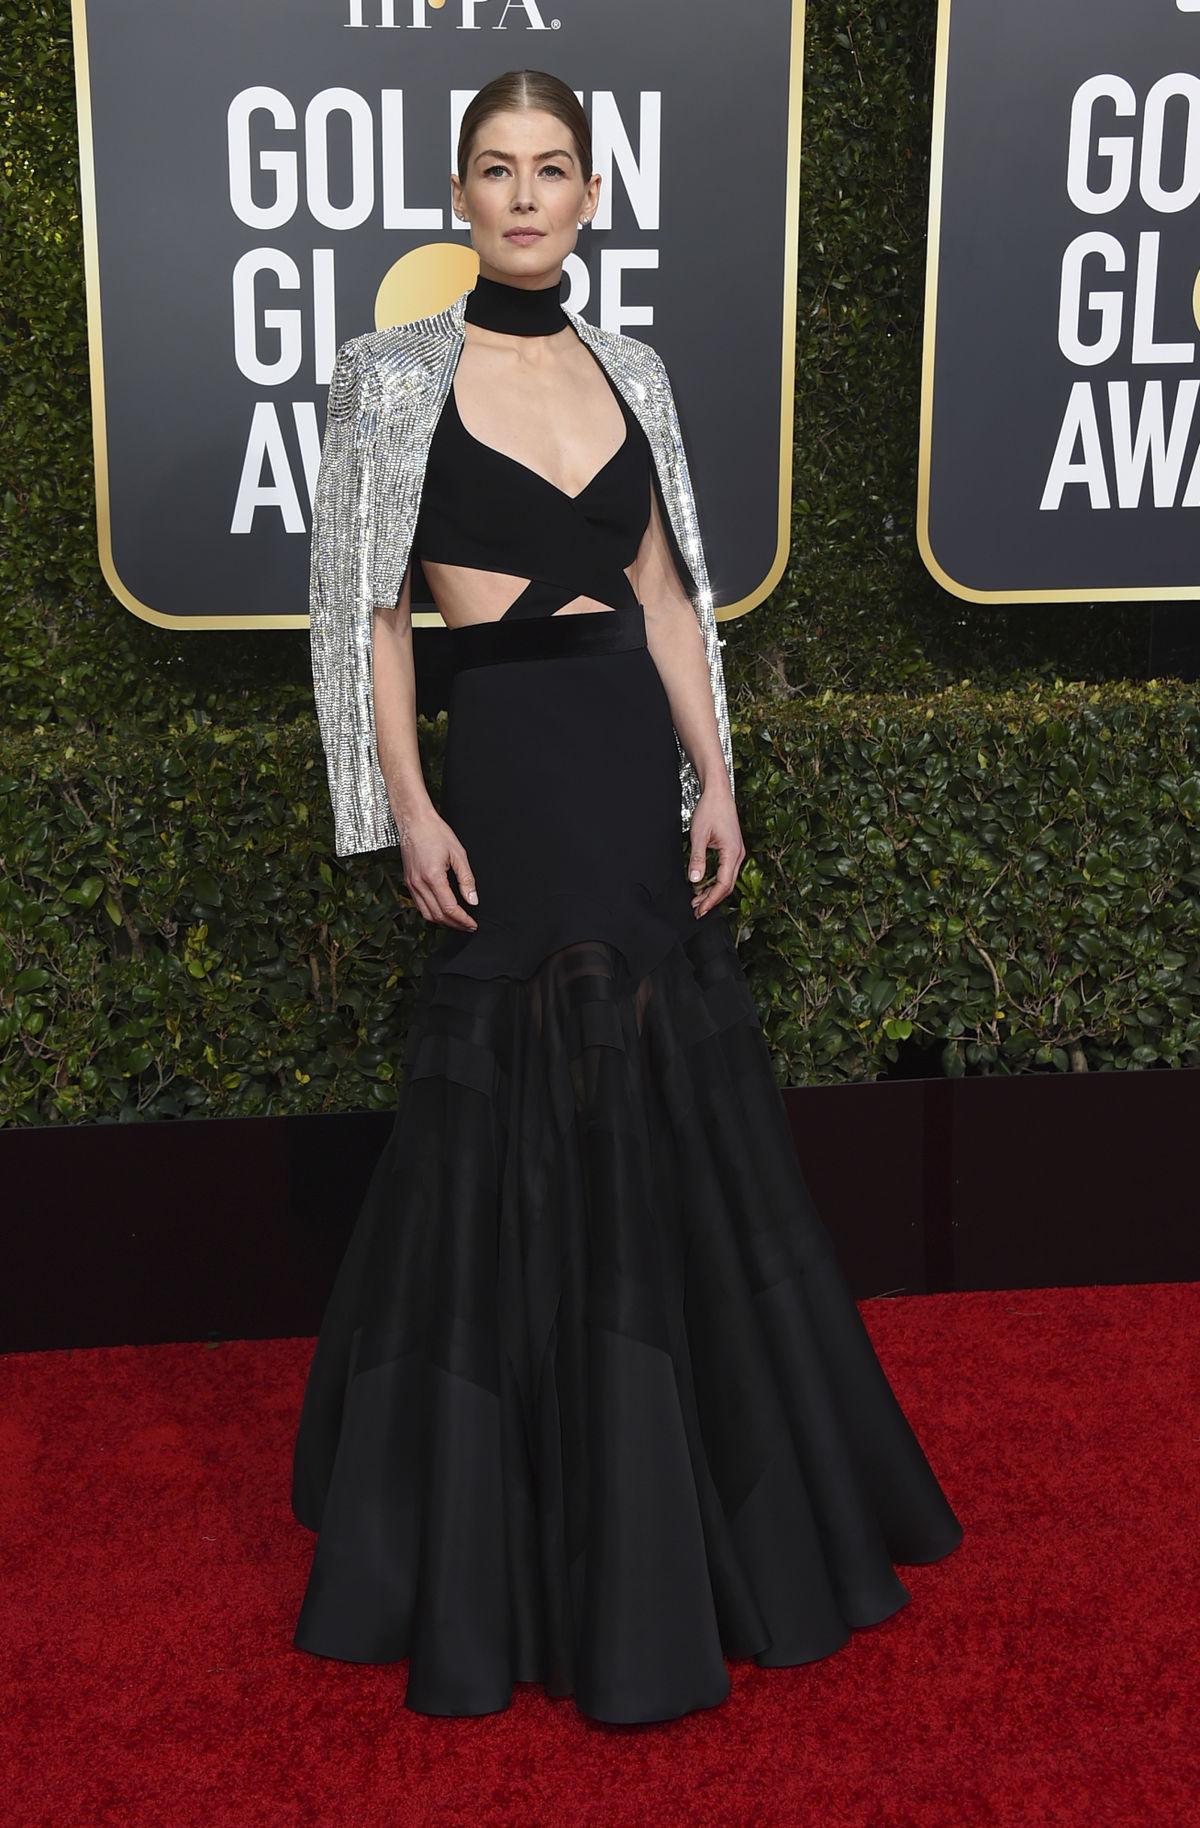 7dca253ce Nominovaná herečka Rosamund Pike prišla v kreácii Givenchy Haute Couture.